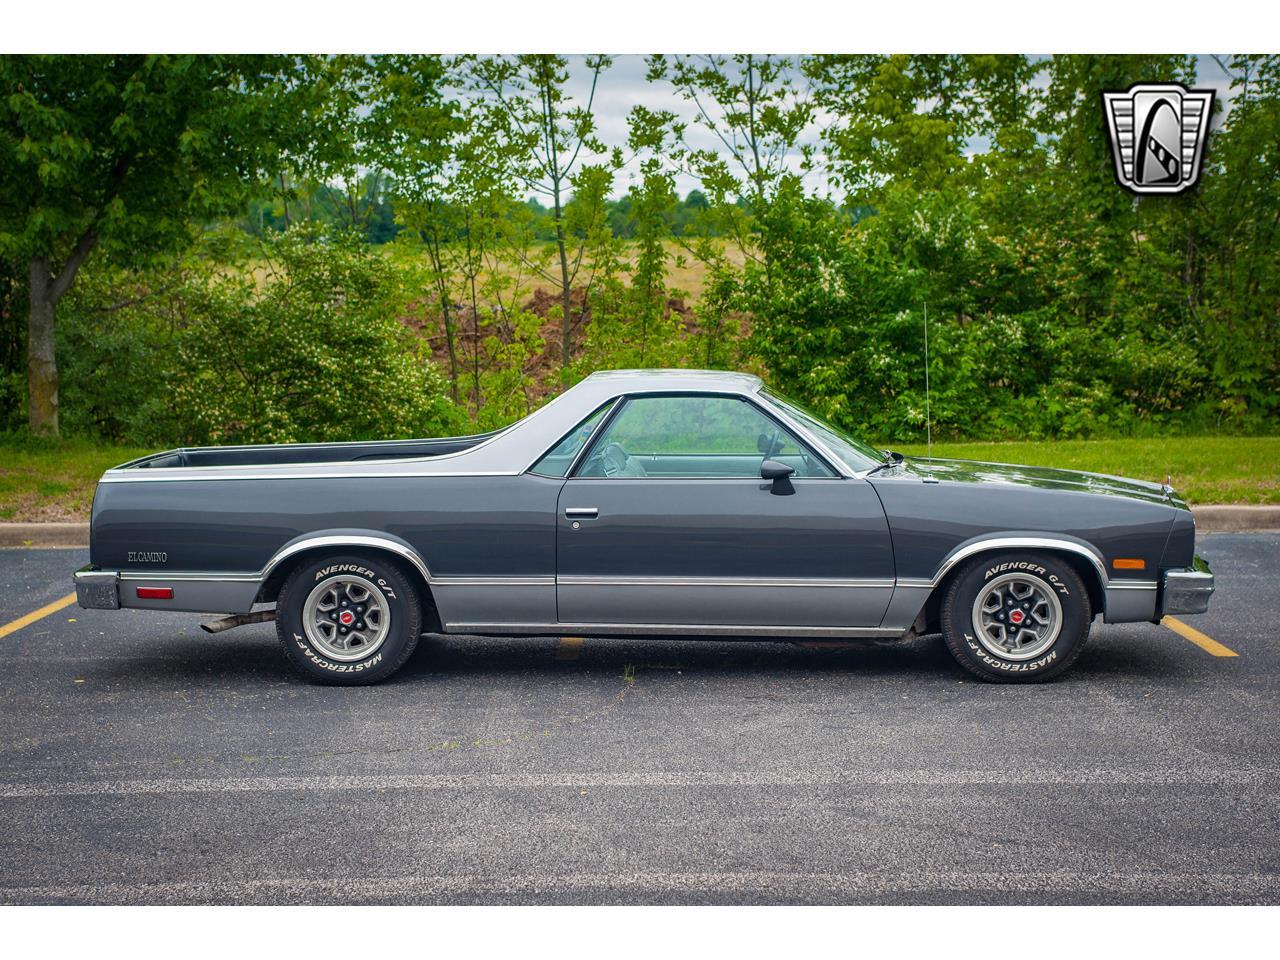 Large Picture of 1982 Chevrolet El Camino located in O'Fallon Illinois - $13,000.00 - QB9A